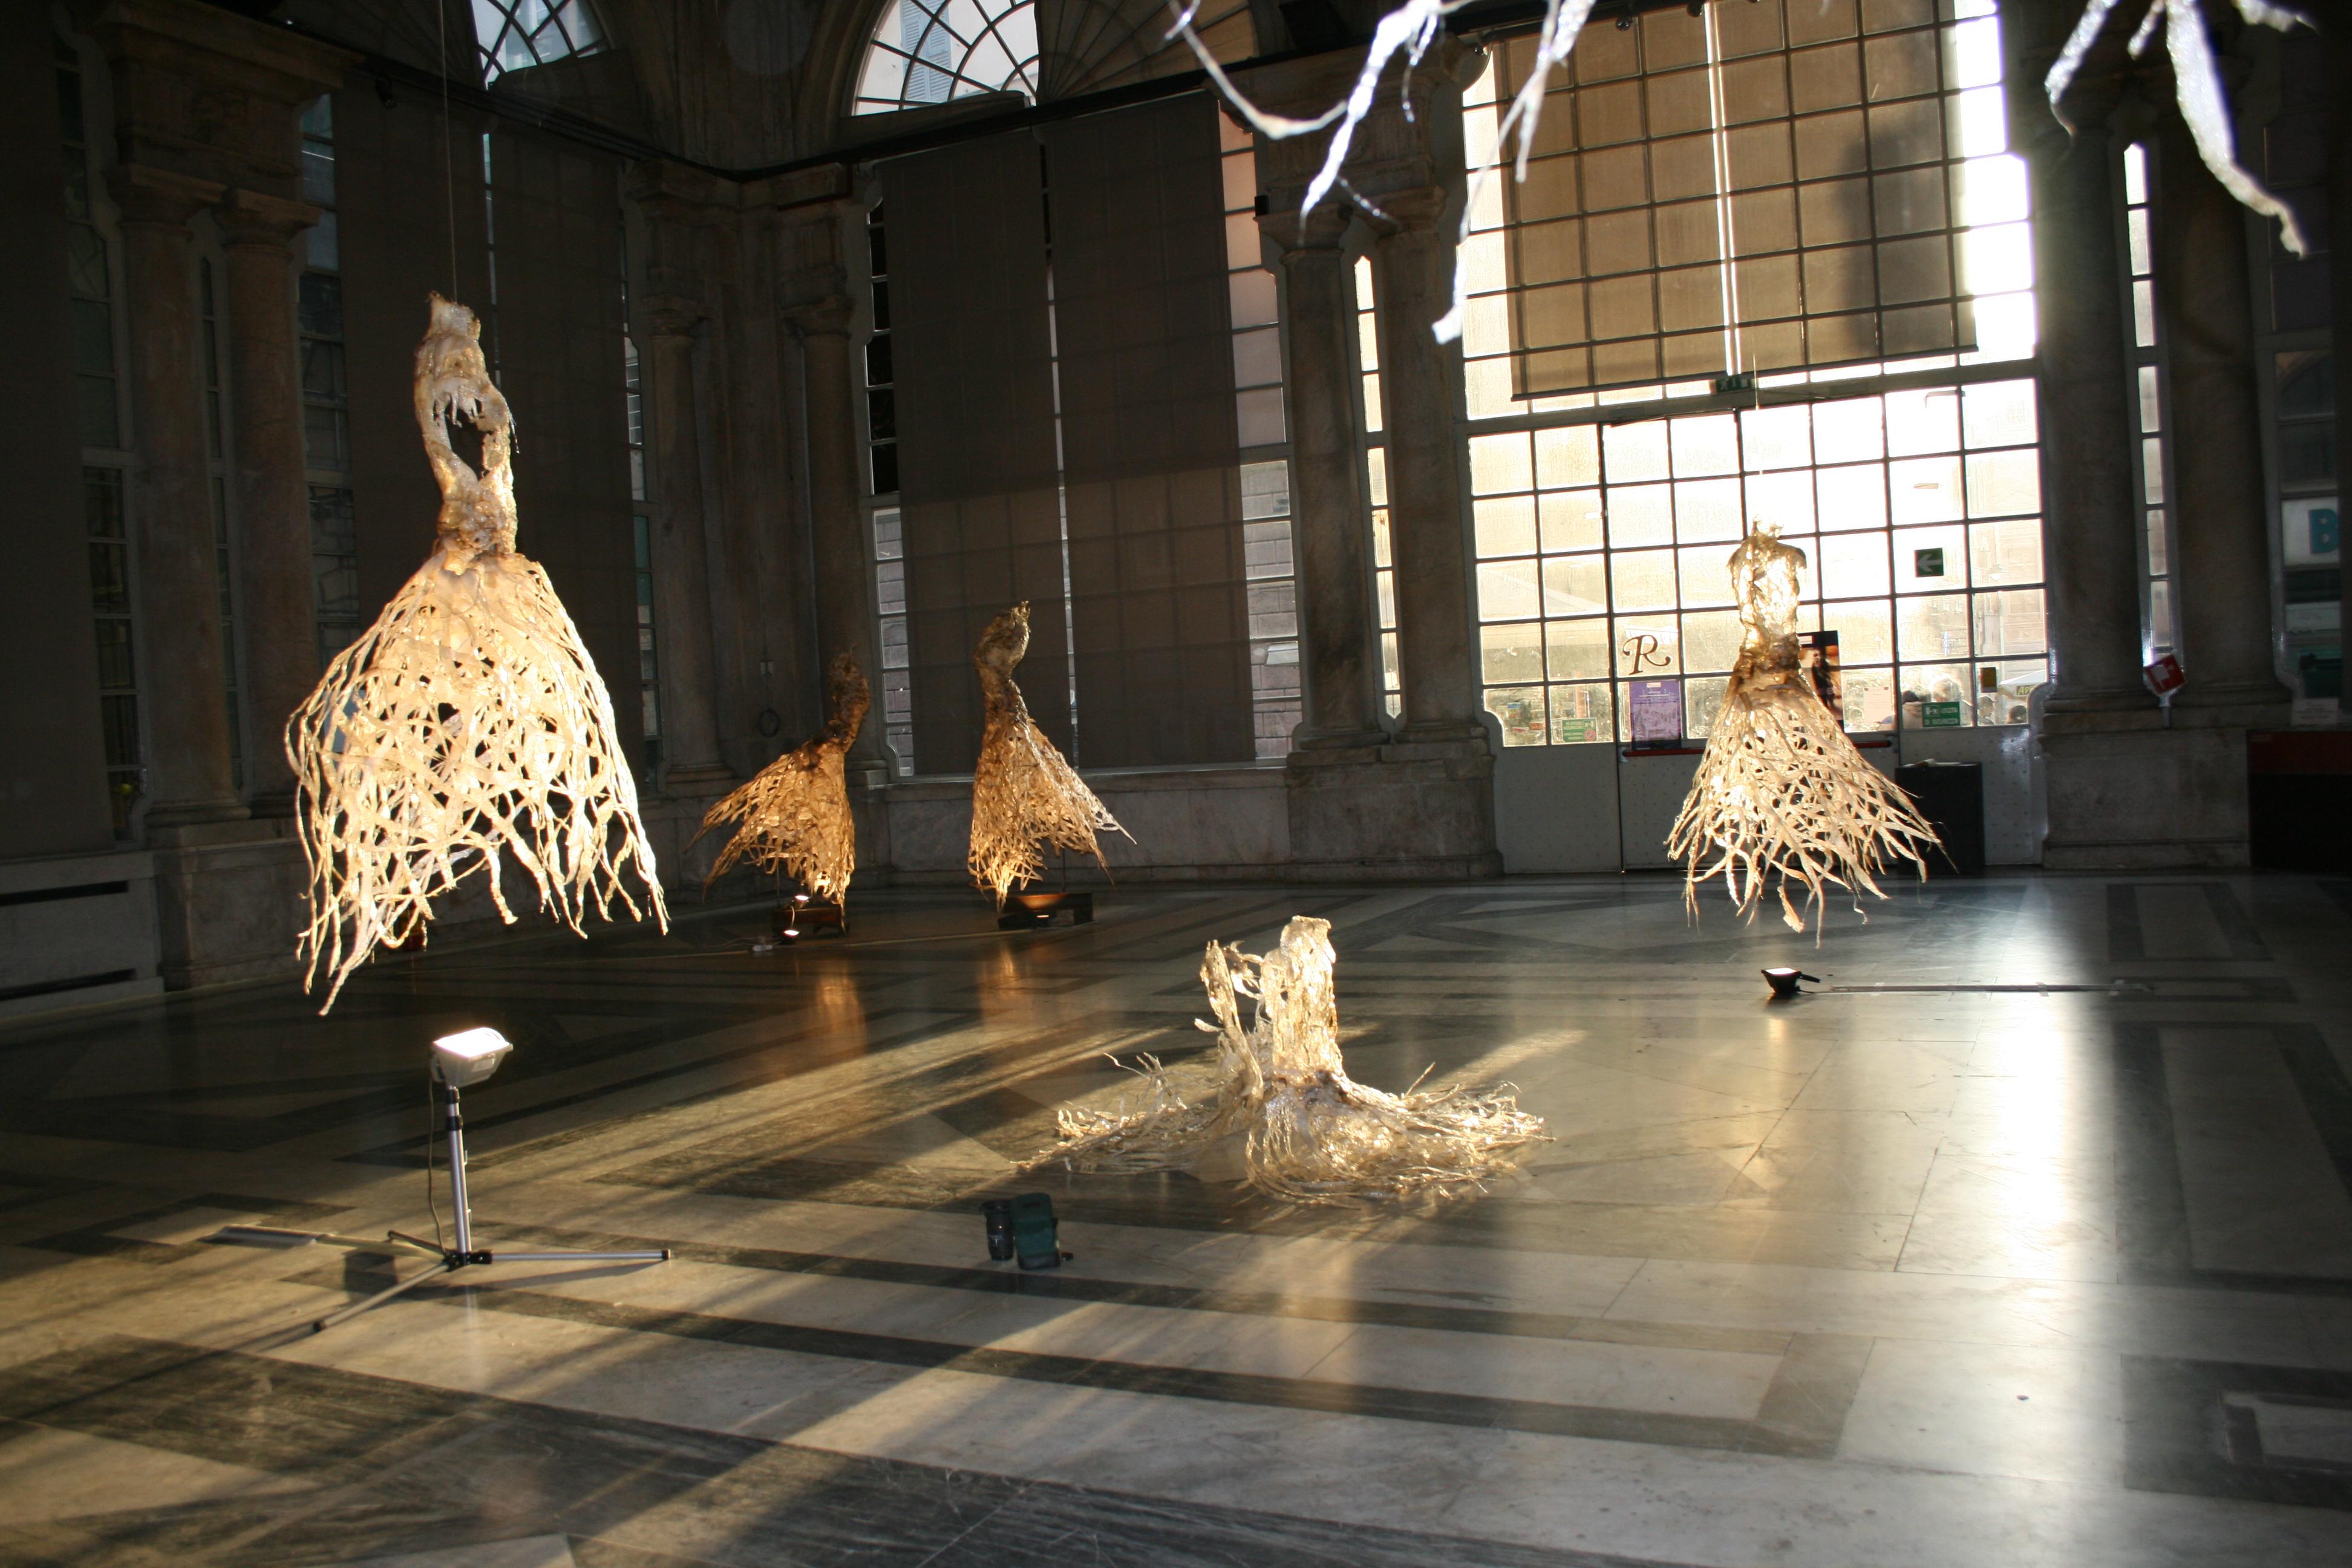 Duende_Loggia dei Mercanti_Genova_2008_01